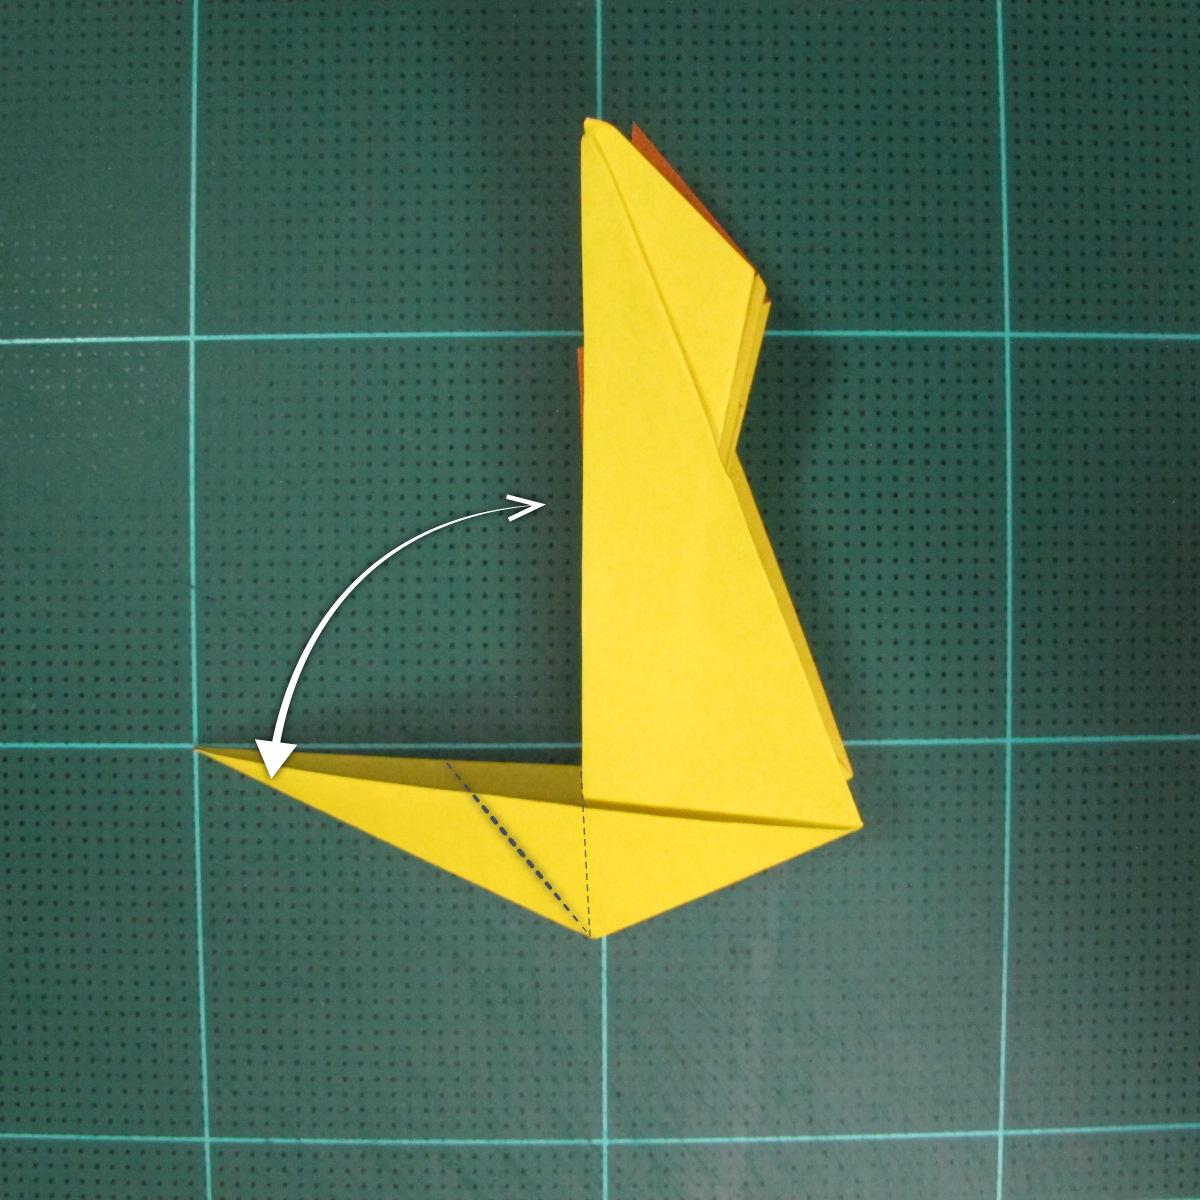 วิธีพับกระดาษเป็นรูปนกยูง (Origami Peacock - ピーコックの折り紙) 025